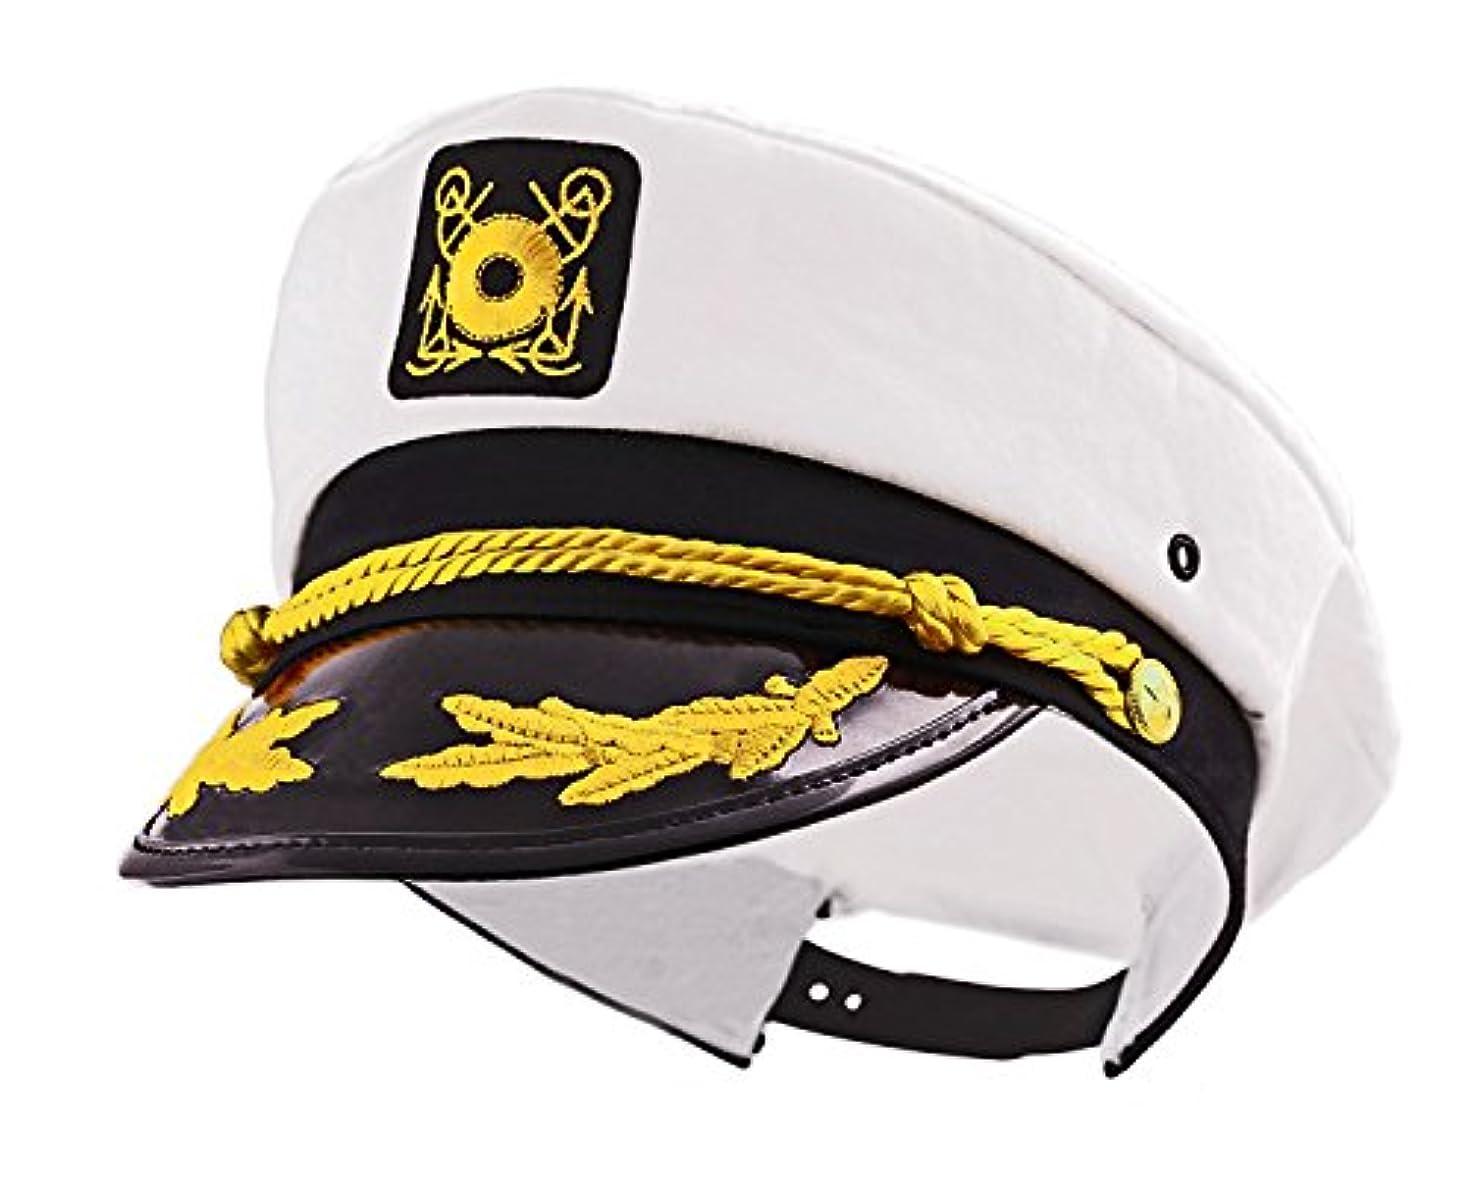 ピザピストルホールドオールiCoole 男女共用の人気船長帽子 ポリスハット コスプレ道具 コスチューム用 パーチィー仮装用 フリーサイズ ホワイト